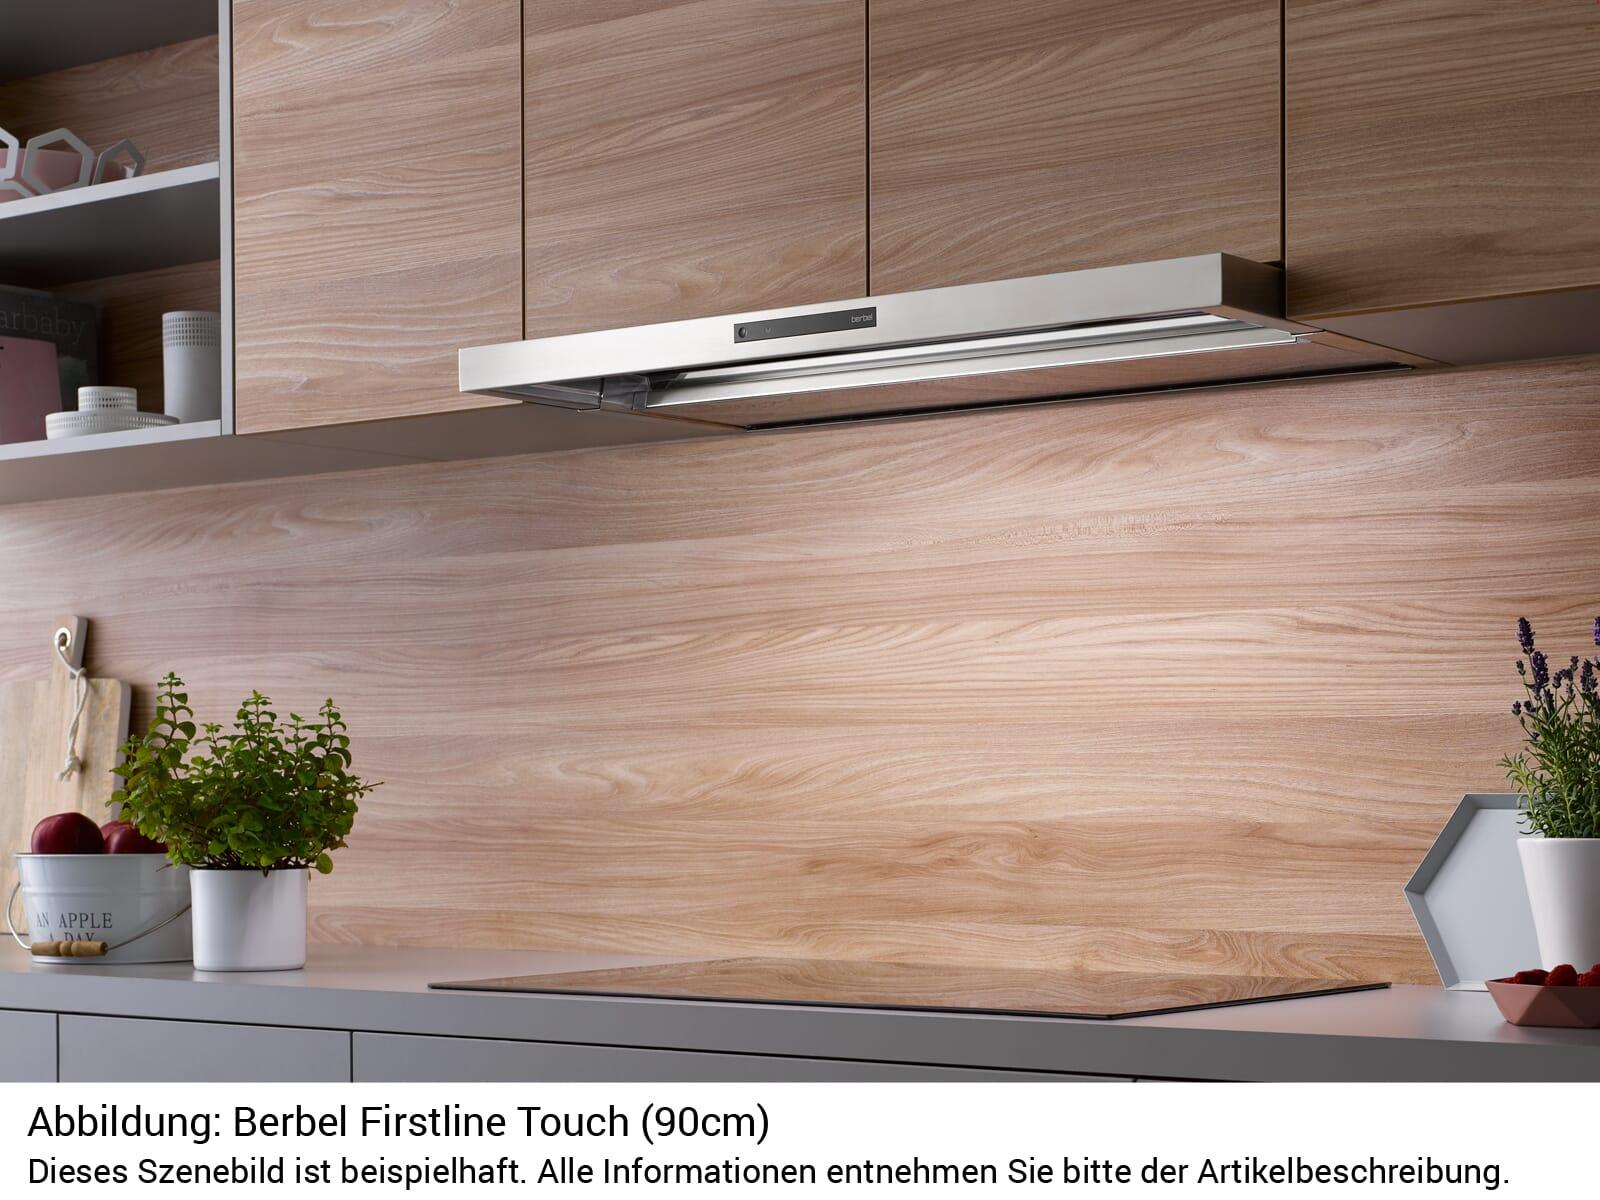 Berbel Firstline Touch BEH 90 FLT Einbauhaube Edelstahl